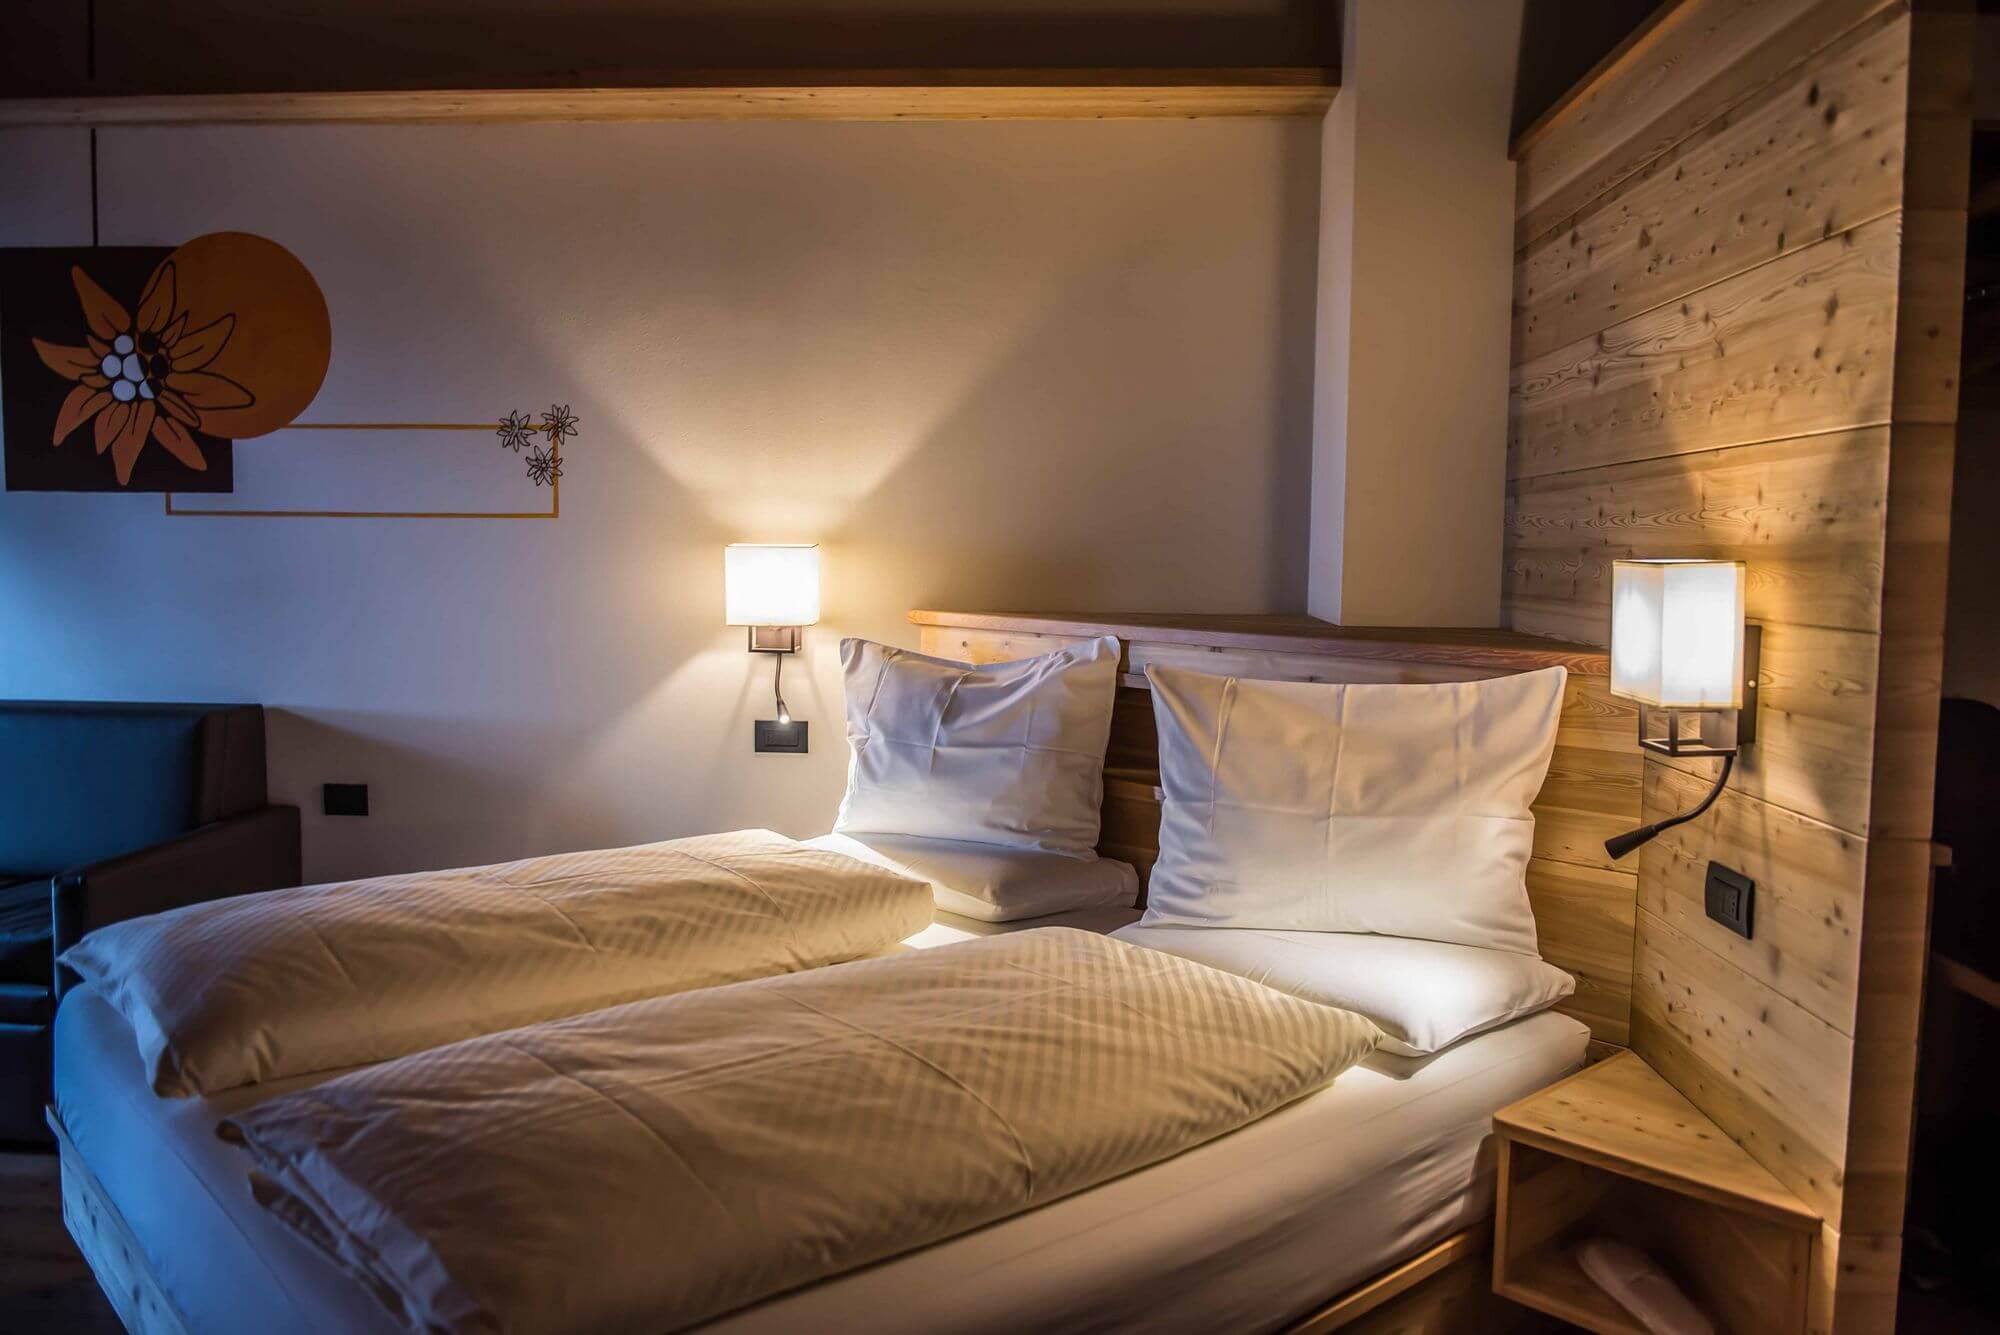 Letti con testiere in legno: Hotel Le Alpi a Livigno